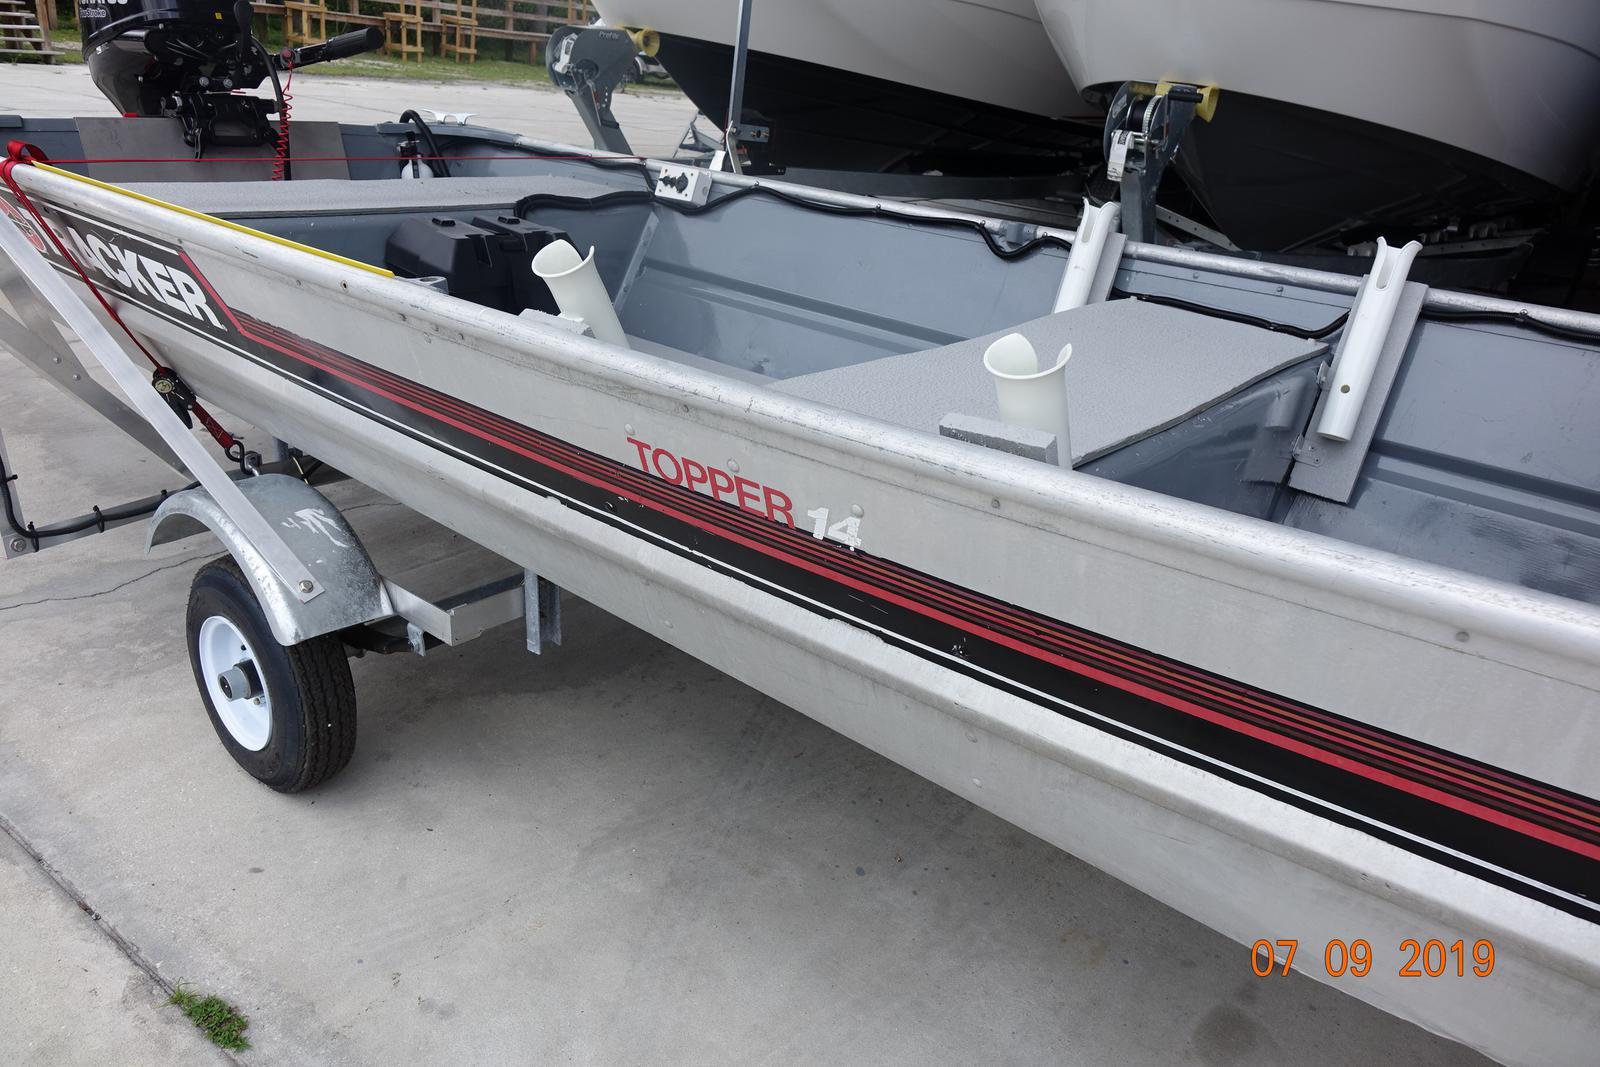 1988 Tracker Bass Tracker Topper for sale in Longwood, FL